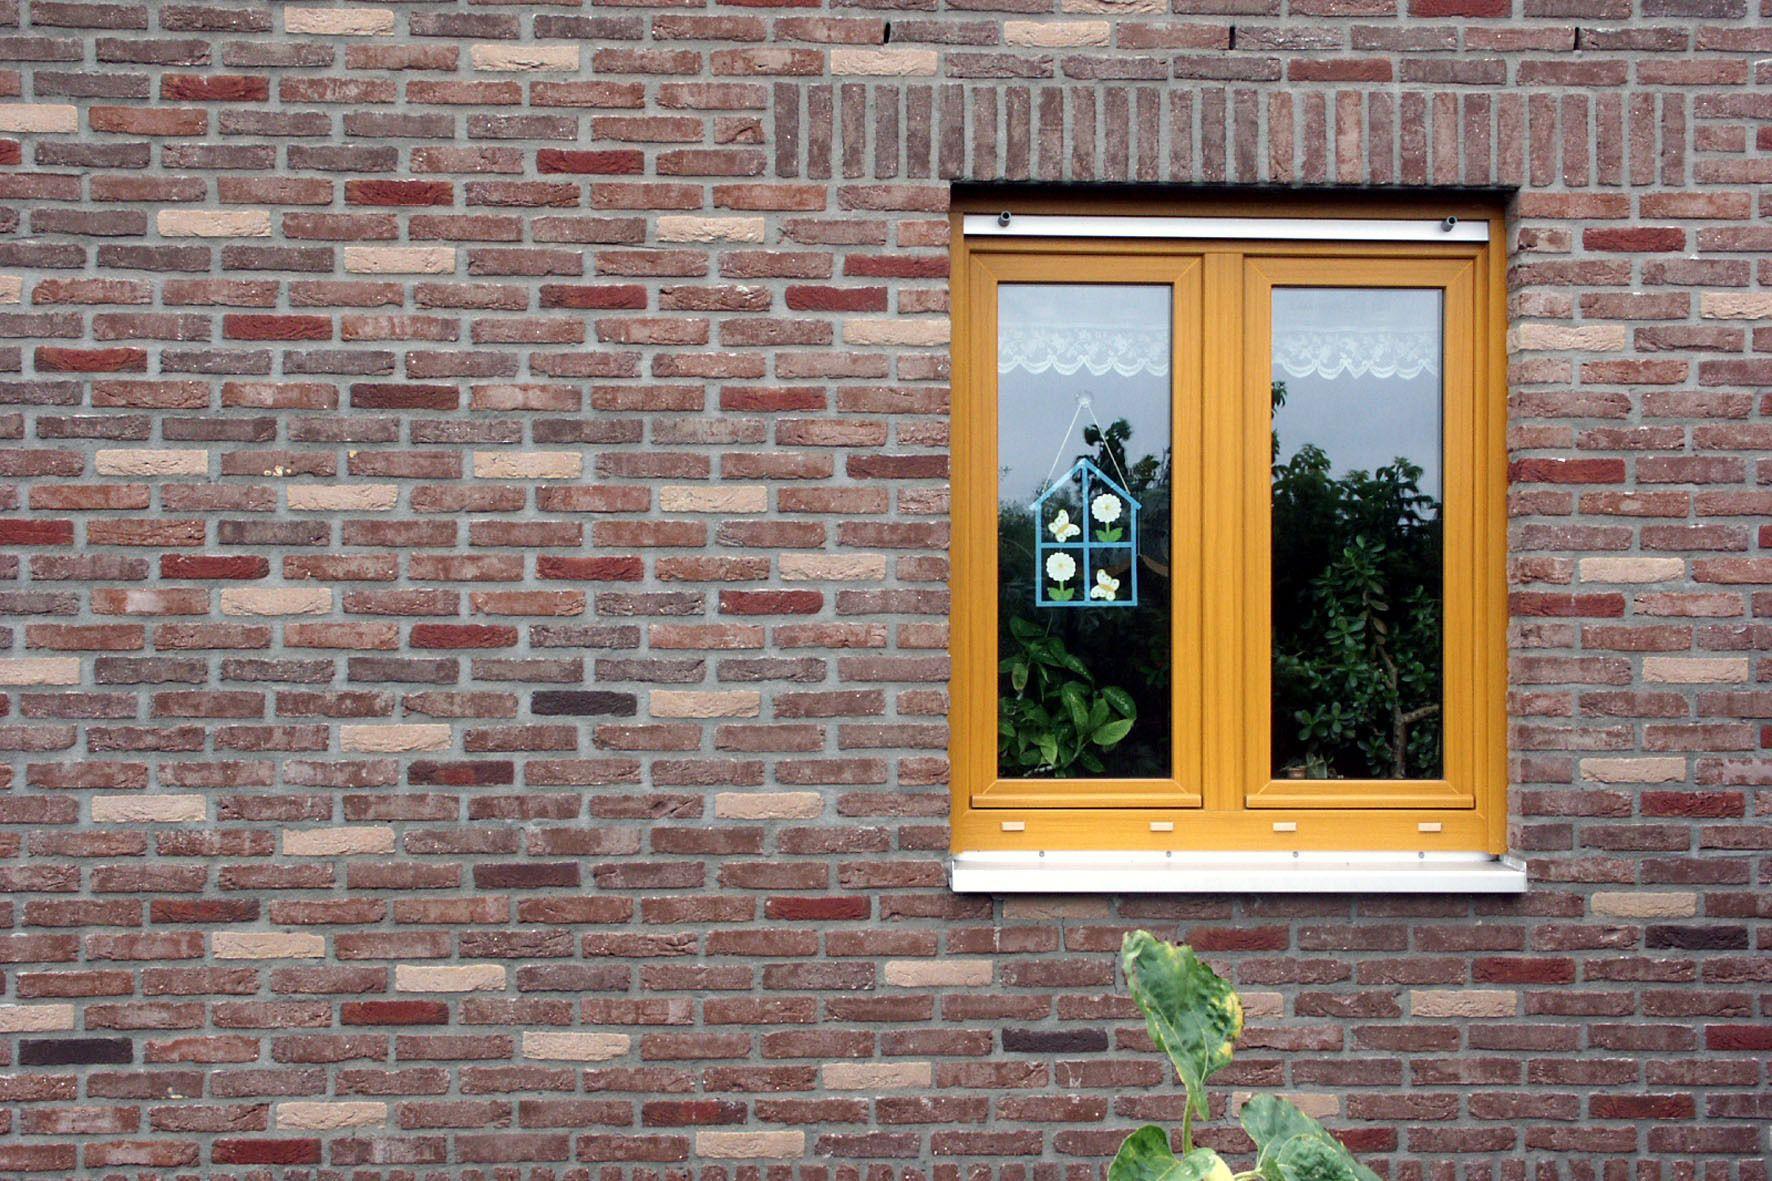 Beliebt Fenster lackieren: So wird es richtig gut - bauemotion.de IJ24